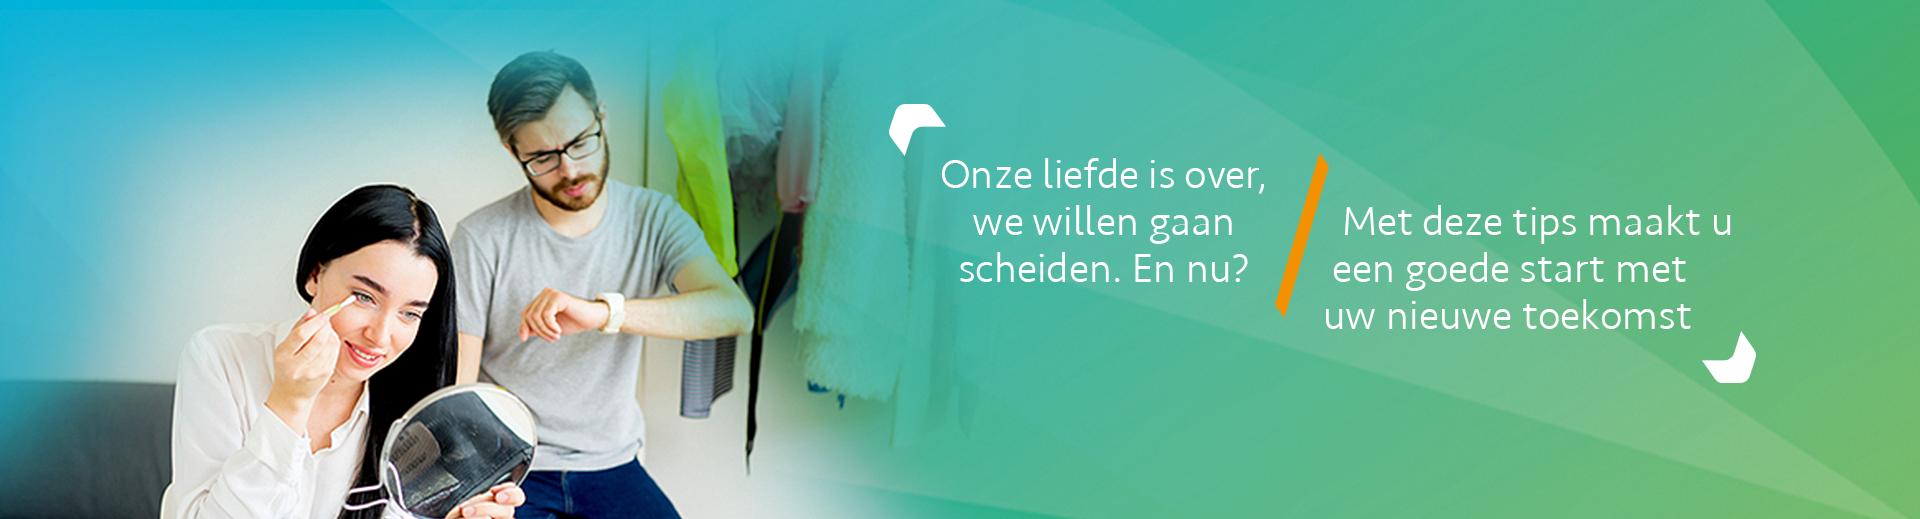 Scheiden en nu - Scheidingsplanner Hoofddorp - Badhoevedorp - Nieuw-Vennep